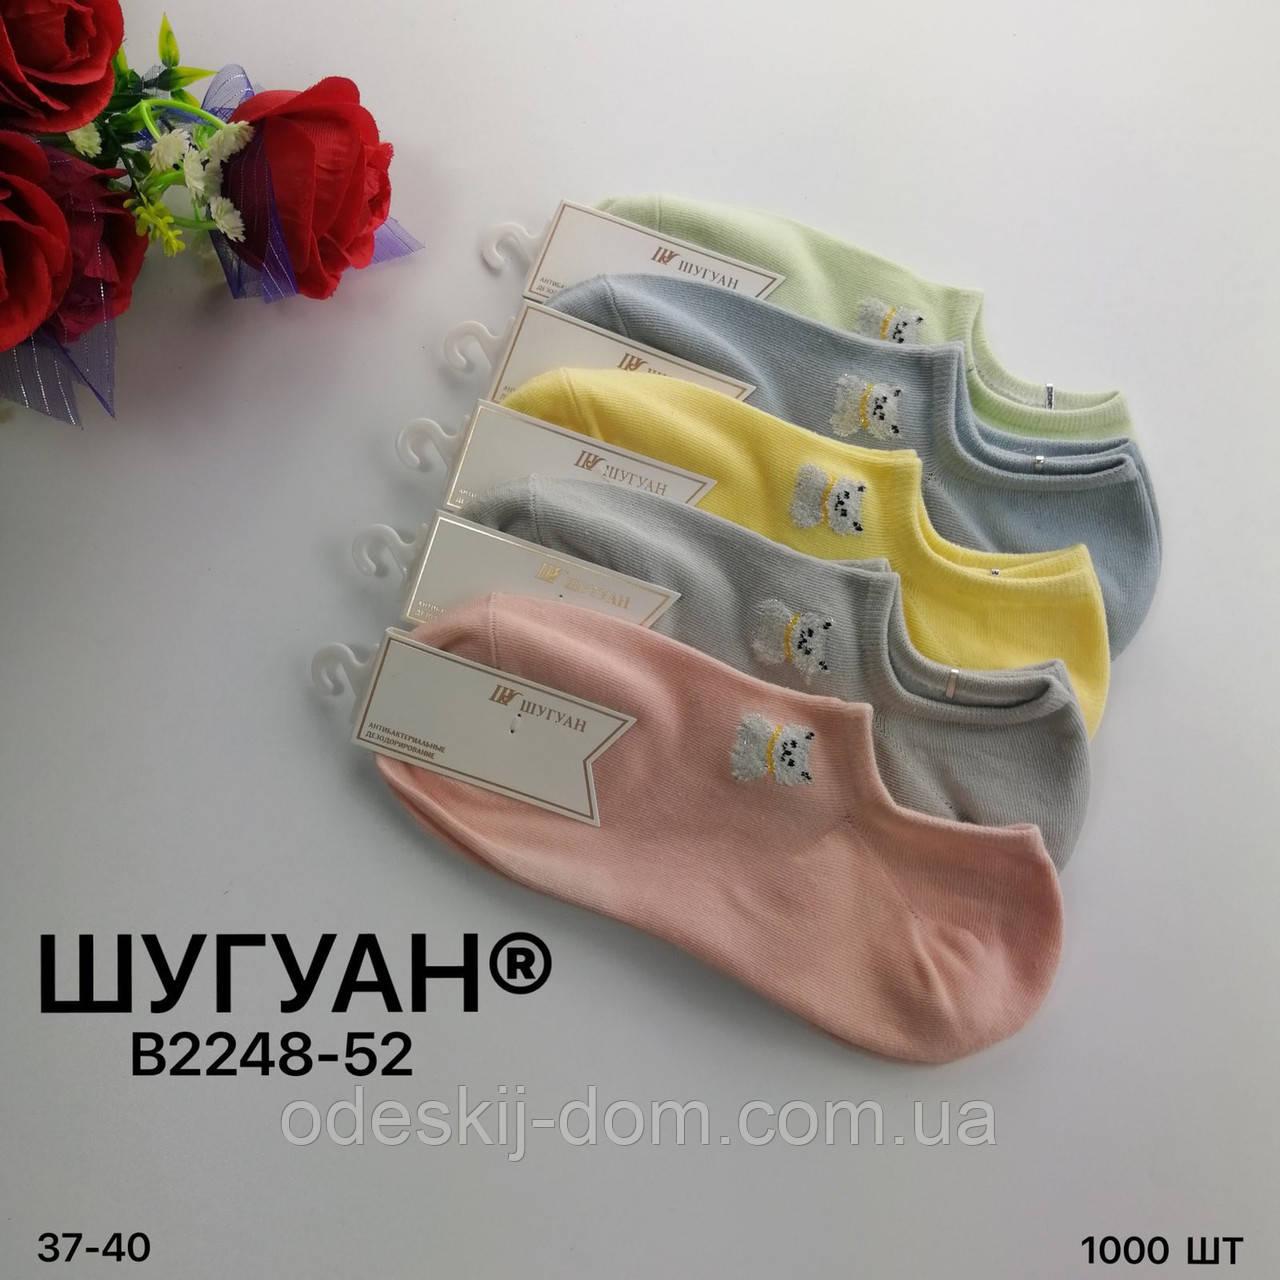 Жіночі короткі шкарпетки тм Шугуан